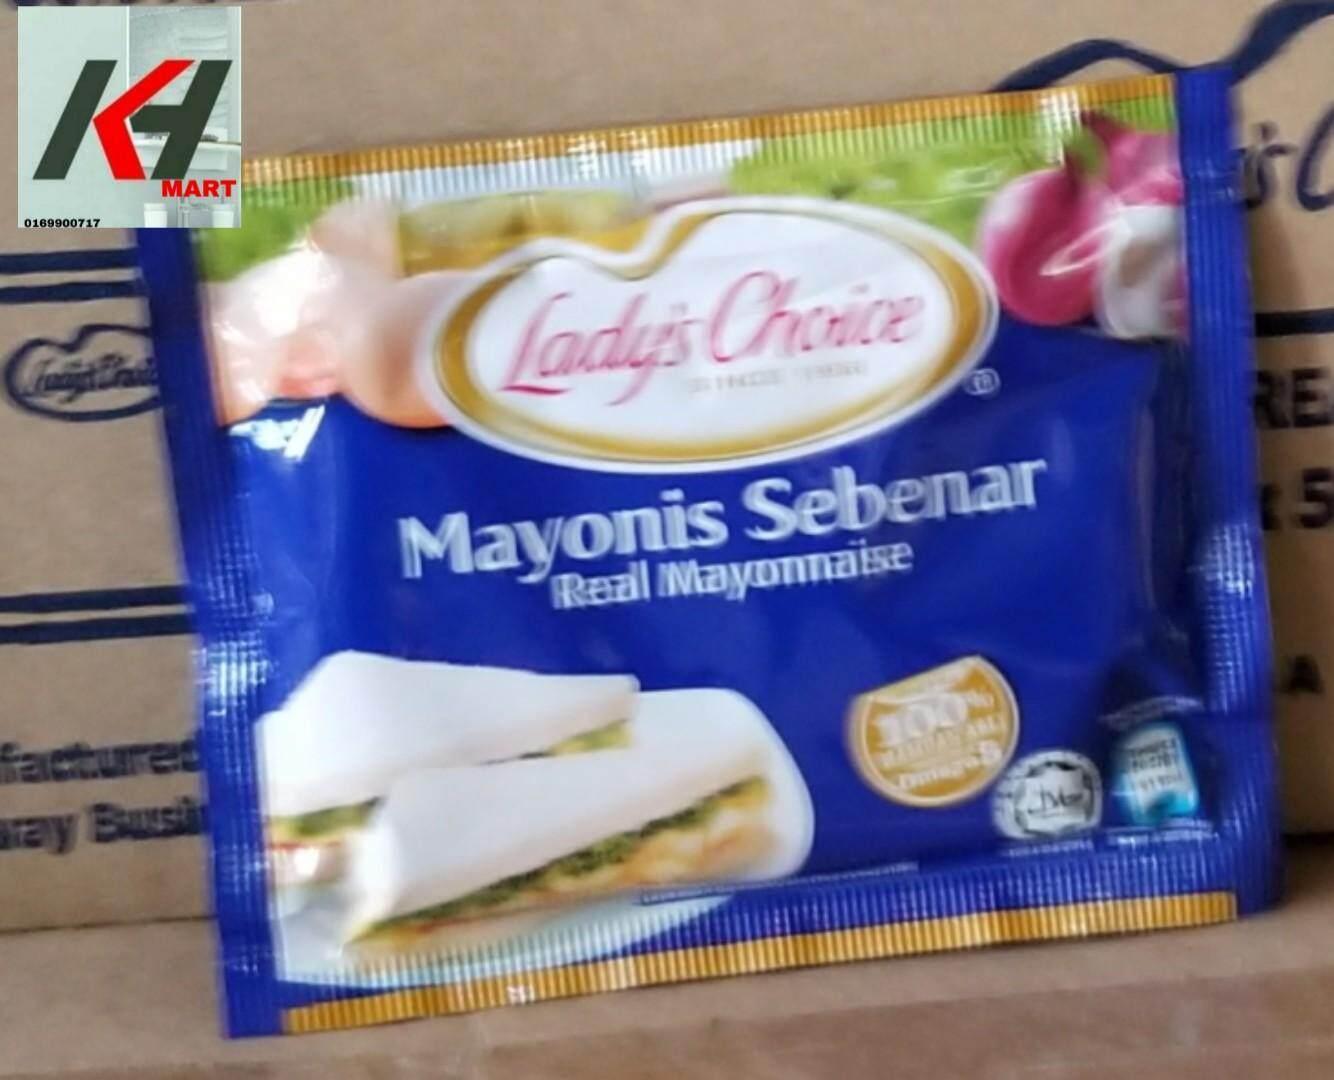 LADY'S CHOICE MAYONIS SEBENAR (REAL MAYONNAISE) - 24packs  X 50ML - READY STOCK